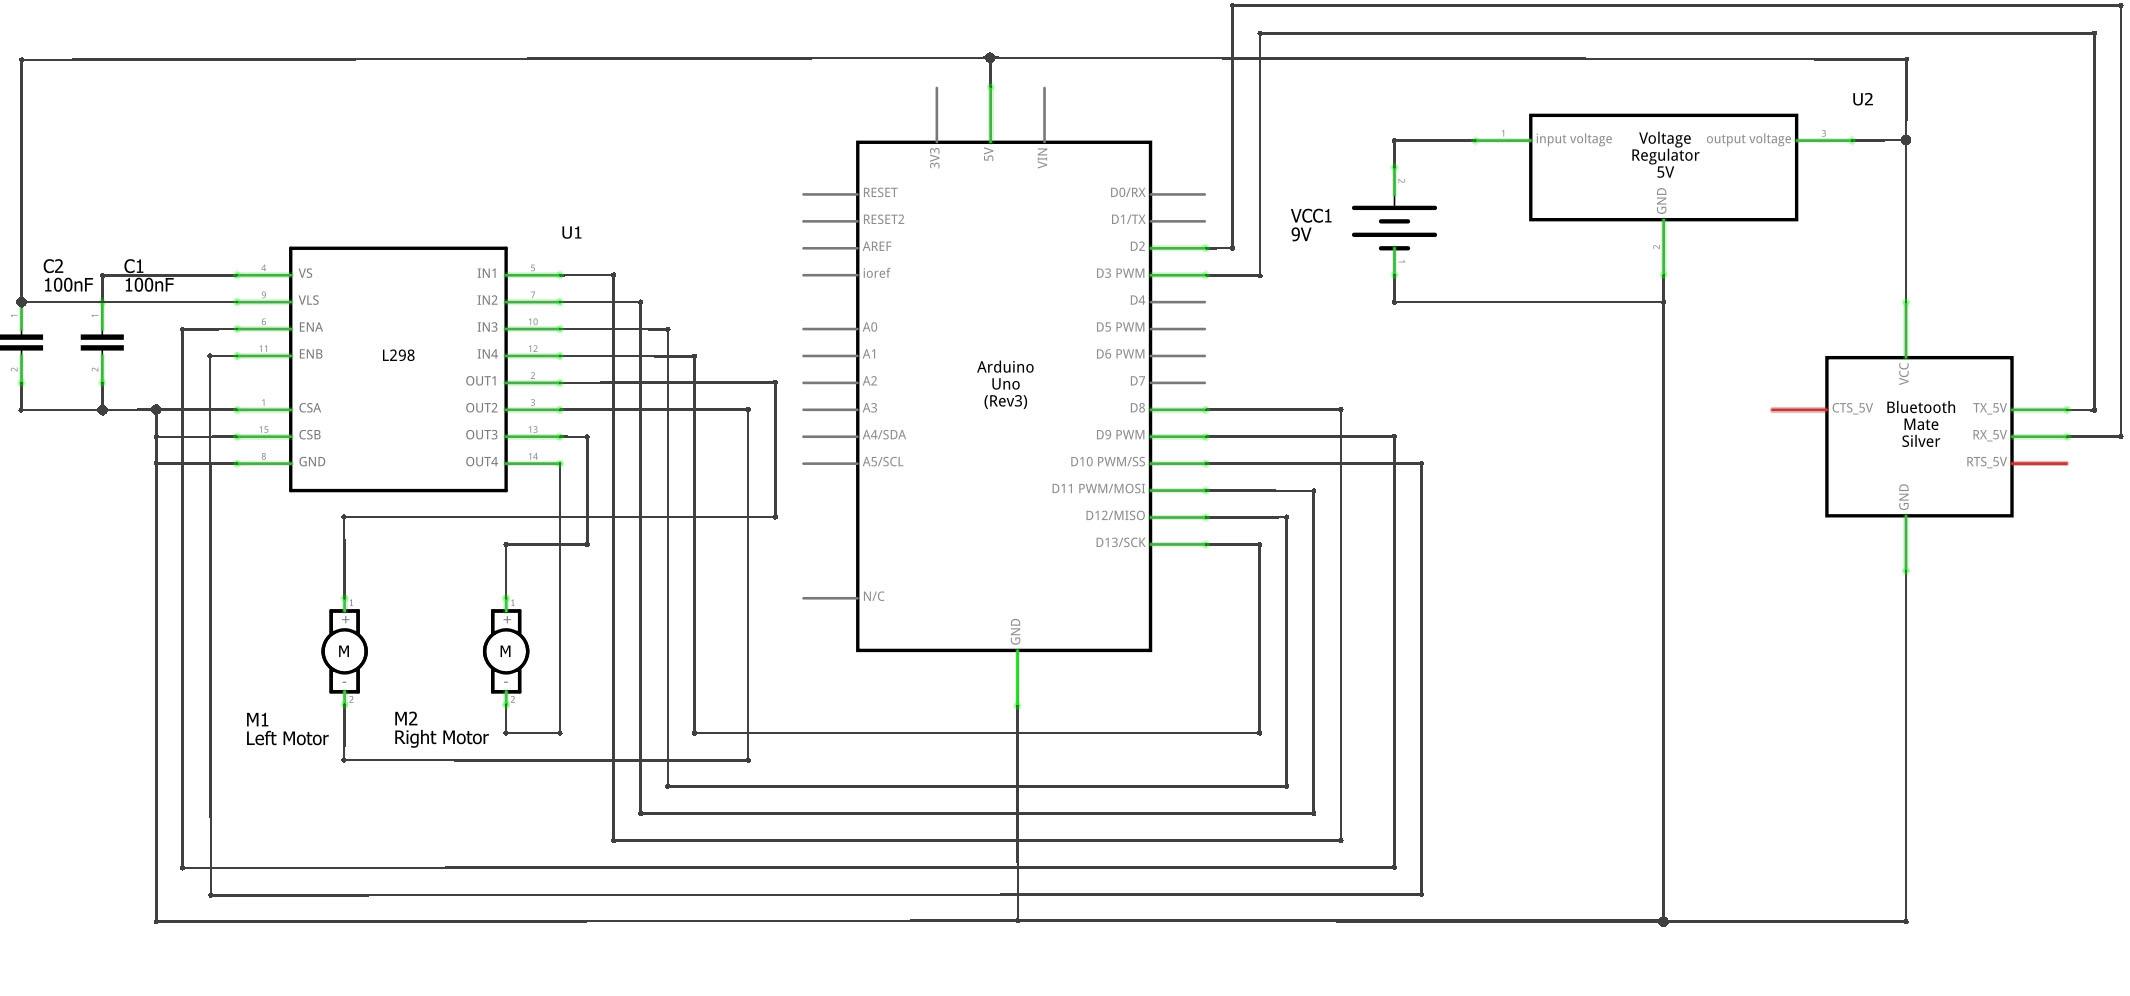 08AC38D Manow06201101 Ns2 Name 159 69 3 193 Jaguar S Type ... on jaguar s type brakes, jaguar s type fuel system diagram, 2003 jaguar s type engine diagram, jaguar xjs wiring-diagram, porsche cayenne wiring diagram, jaguar s type transmission diagram, jaguar s type radio, 2000 jaguar s type fuse diagram, 2000 jaguar s type cooling system diagram, volkswagen golf wiring diagram, jaguar s type engine swap, jaguar s type oil filter, suzuki x90 wiring diagram, mitsubishi starion wiring diagram, dodge viper wiring diagram, 2005 jaguar s type fuse box diagram, 2003 jaguar x-type fuse box diagram, jaguar s type timing chain, jaguar xj8 serpentine belt diagram, jaguar s type repair manual,